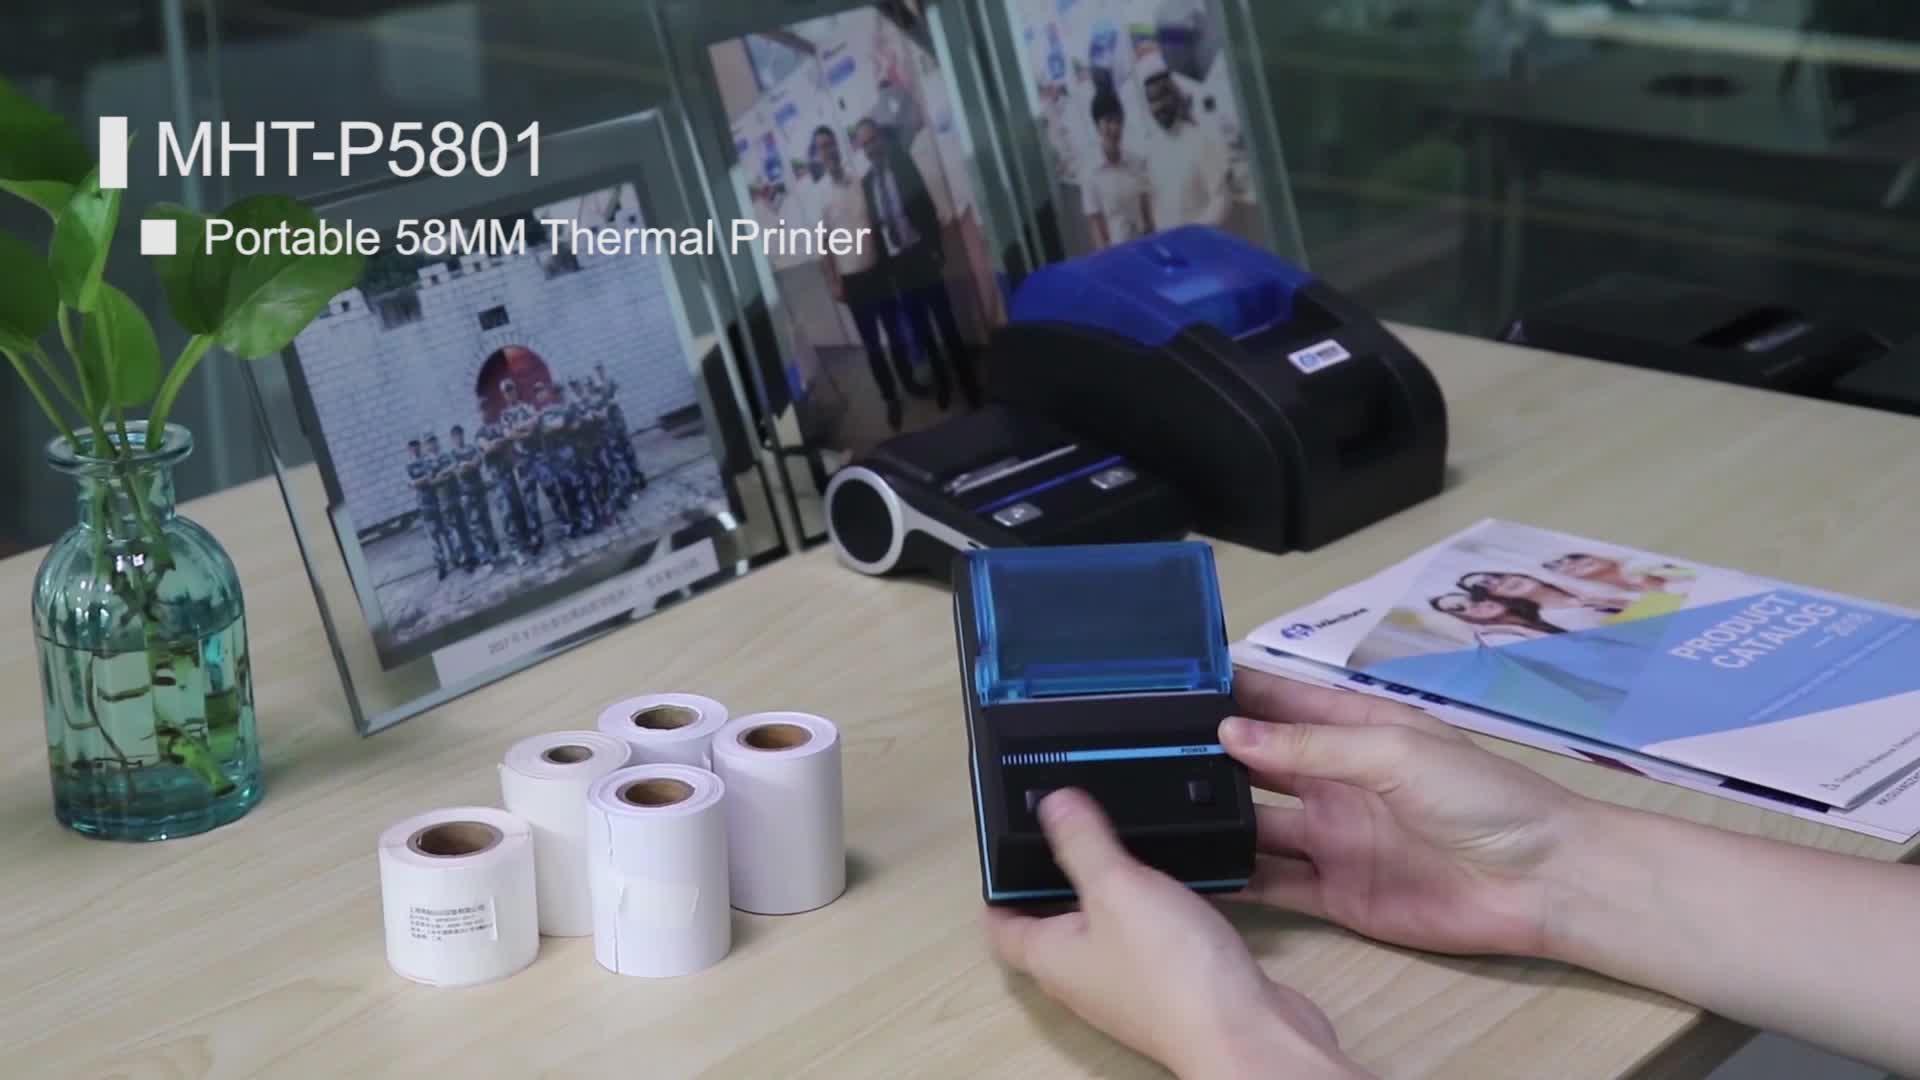 ราคาถูกมินิบลูทูธไร้สายแบบพกพามือถือAndroidเครื่องพิมพ์ความร้อนMHT-P5801